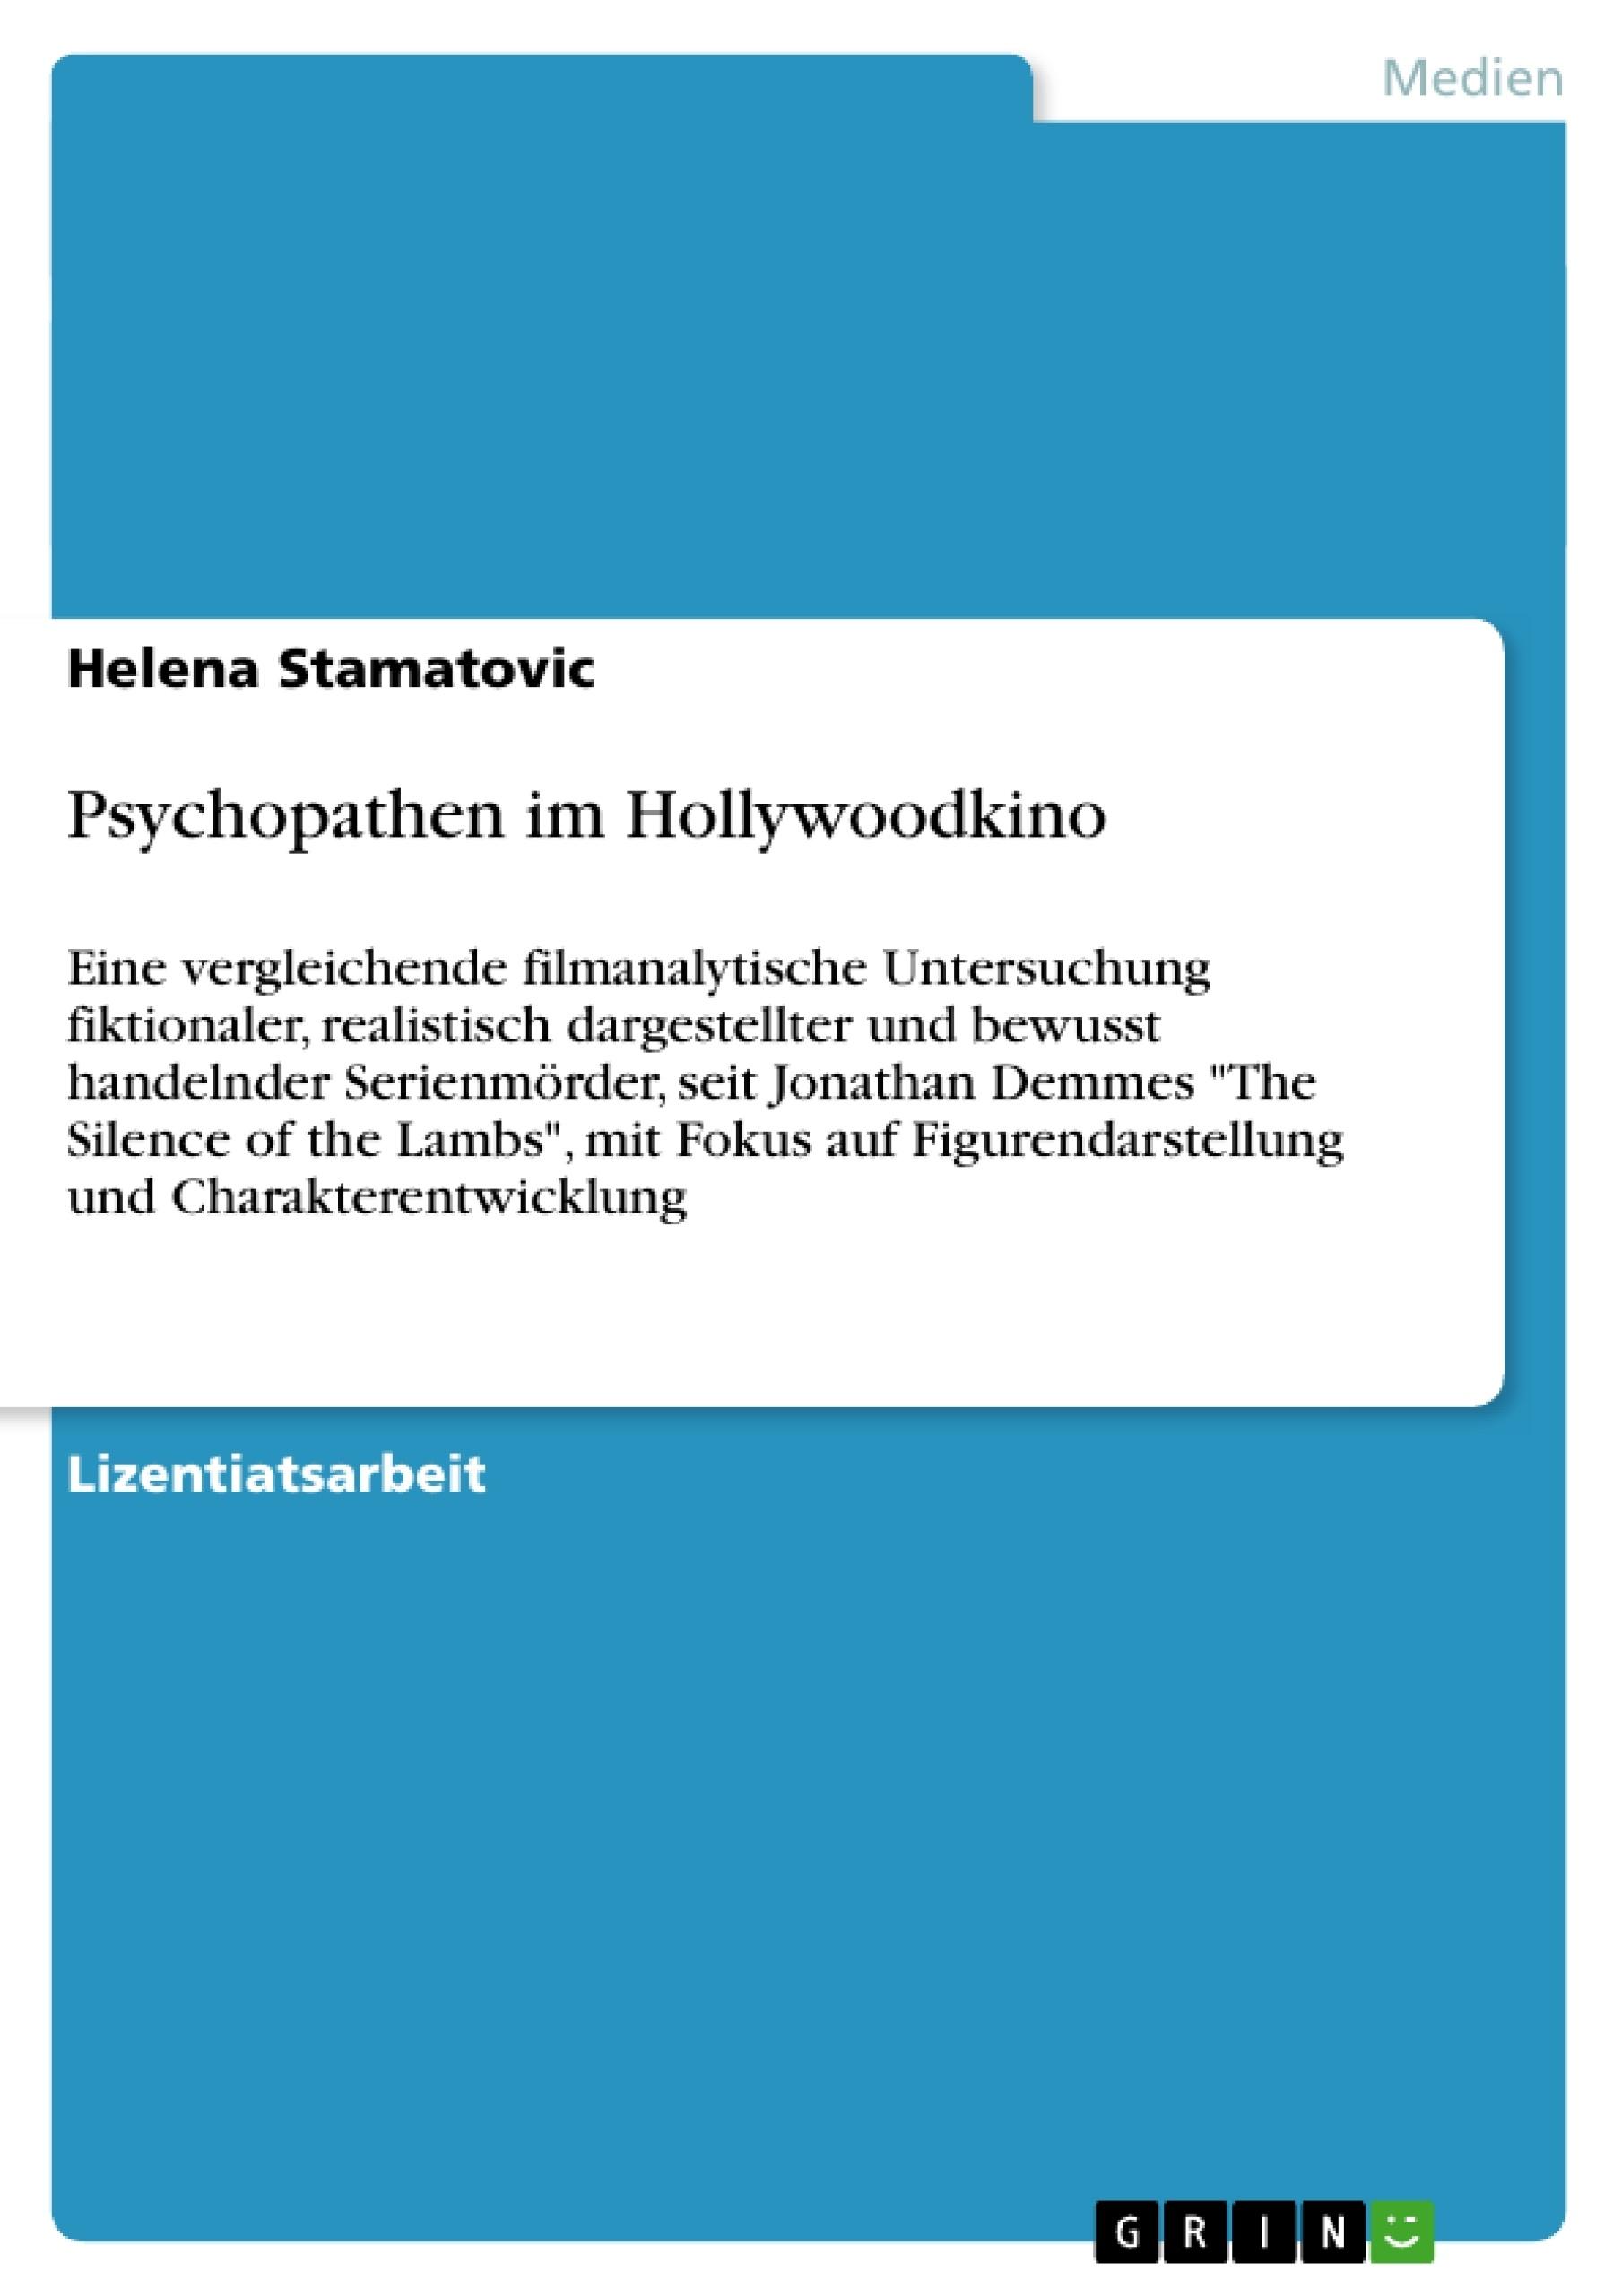 Titel: Psychopathen im Hollywoodkino